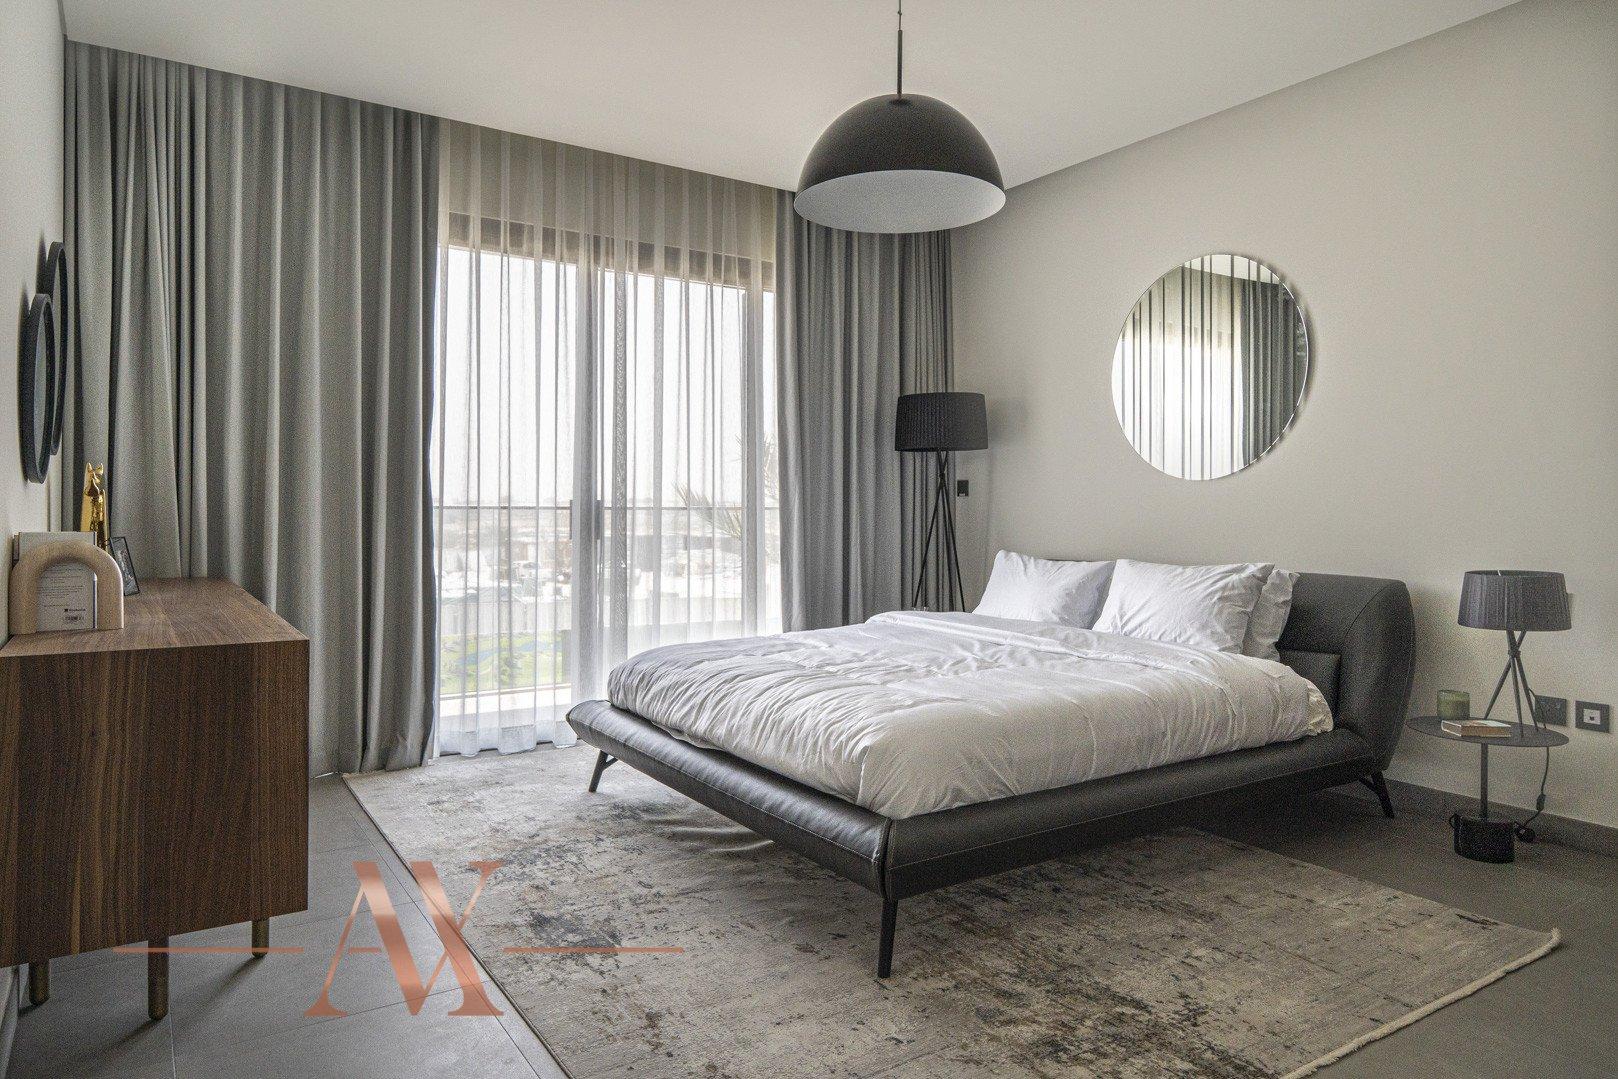 Villa en venta en Dubai, EAU, 4 dormitorios, 659.6 m2, № 23710 – foto 4